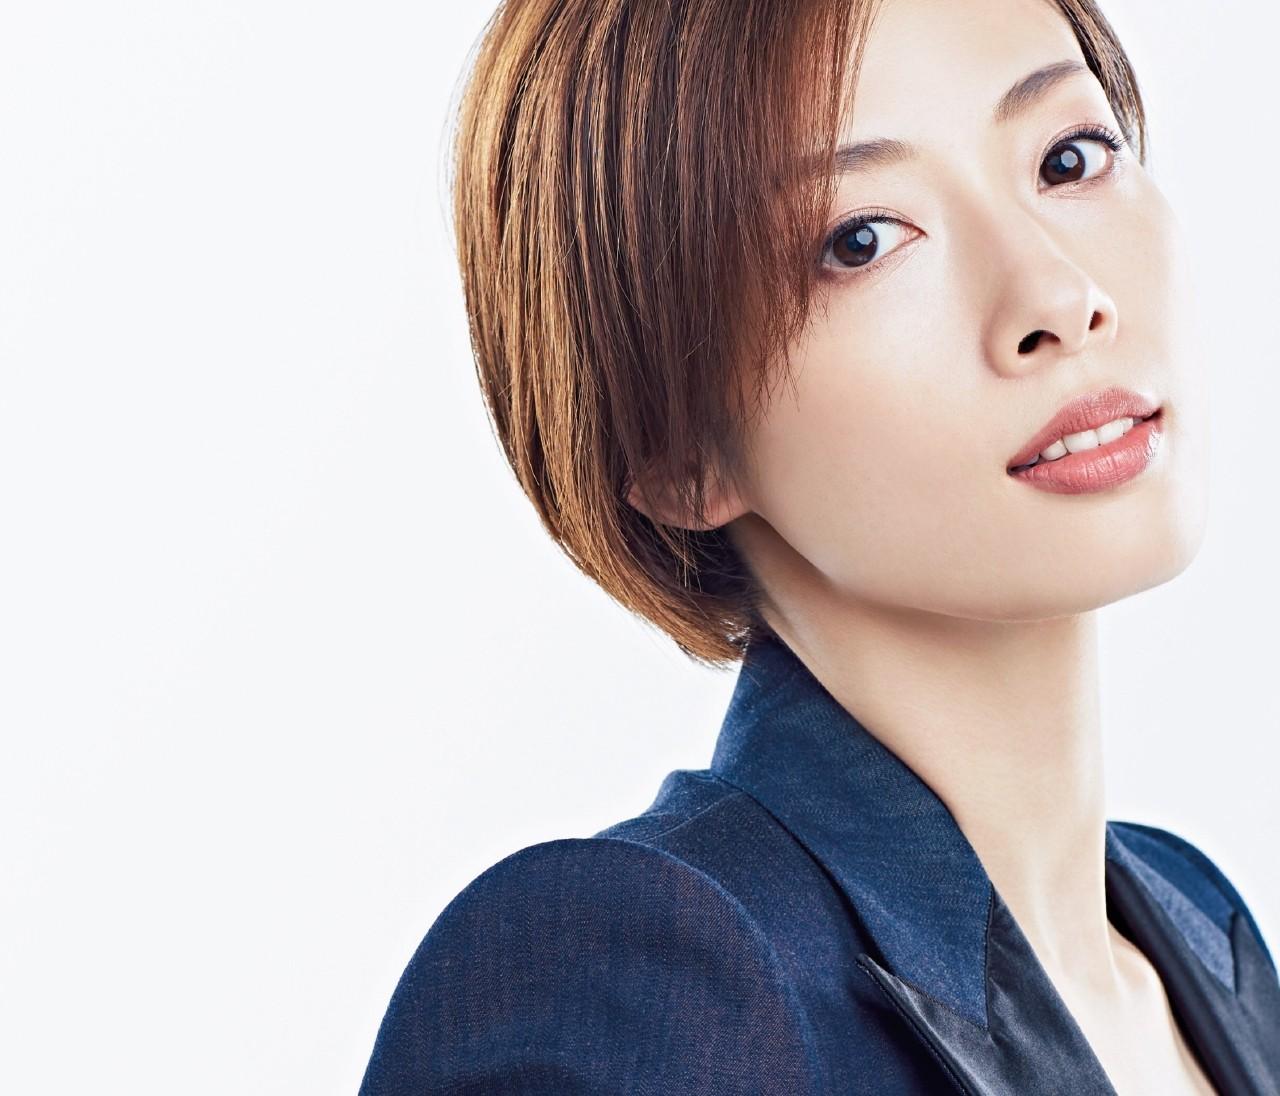 【明日海りおさんインタビュー】 元宝塚歌劇団・花組トップスターを知る10のQ&A